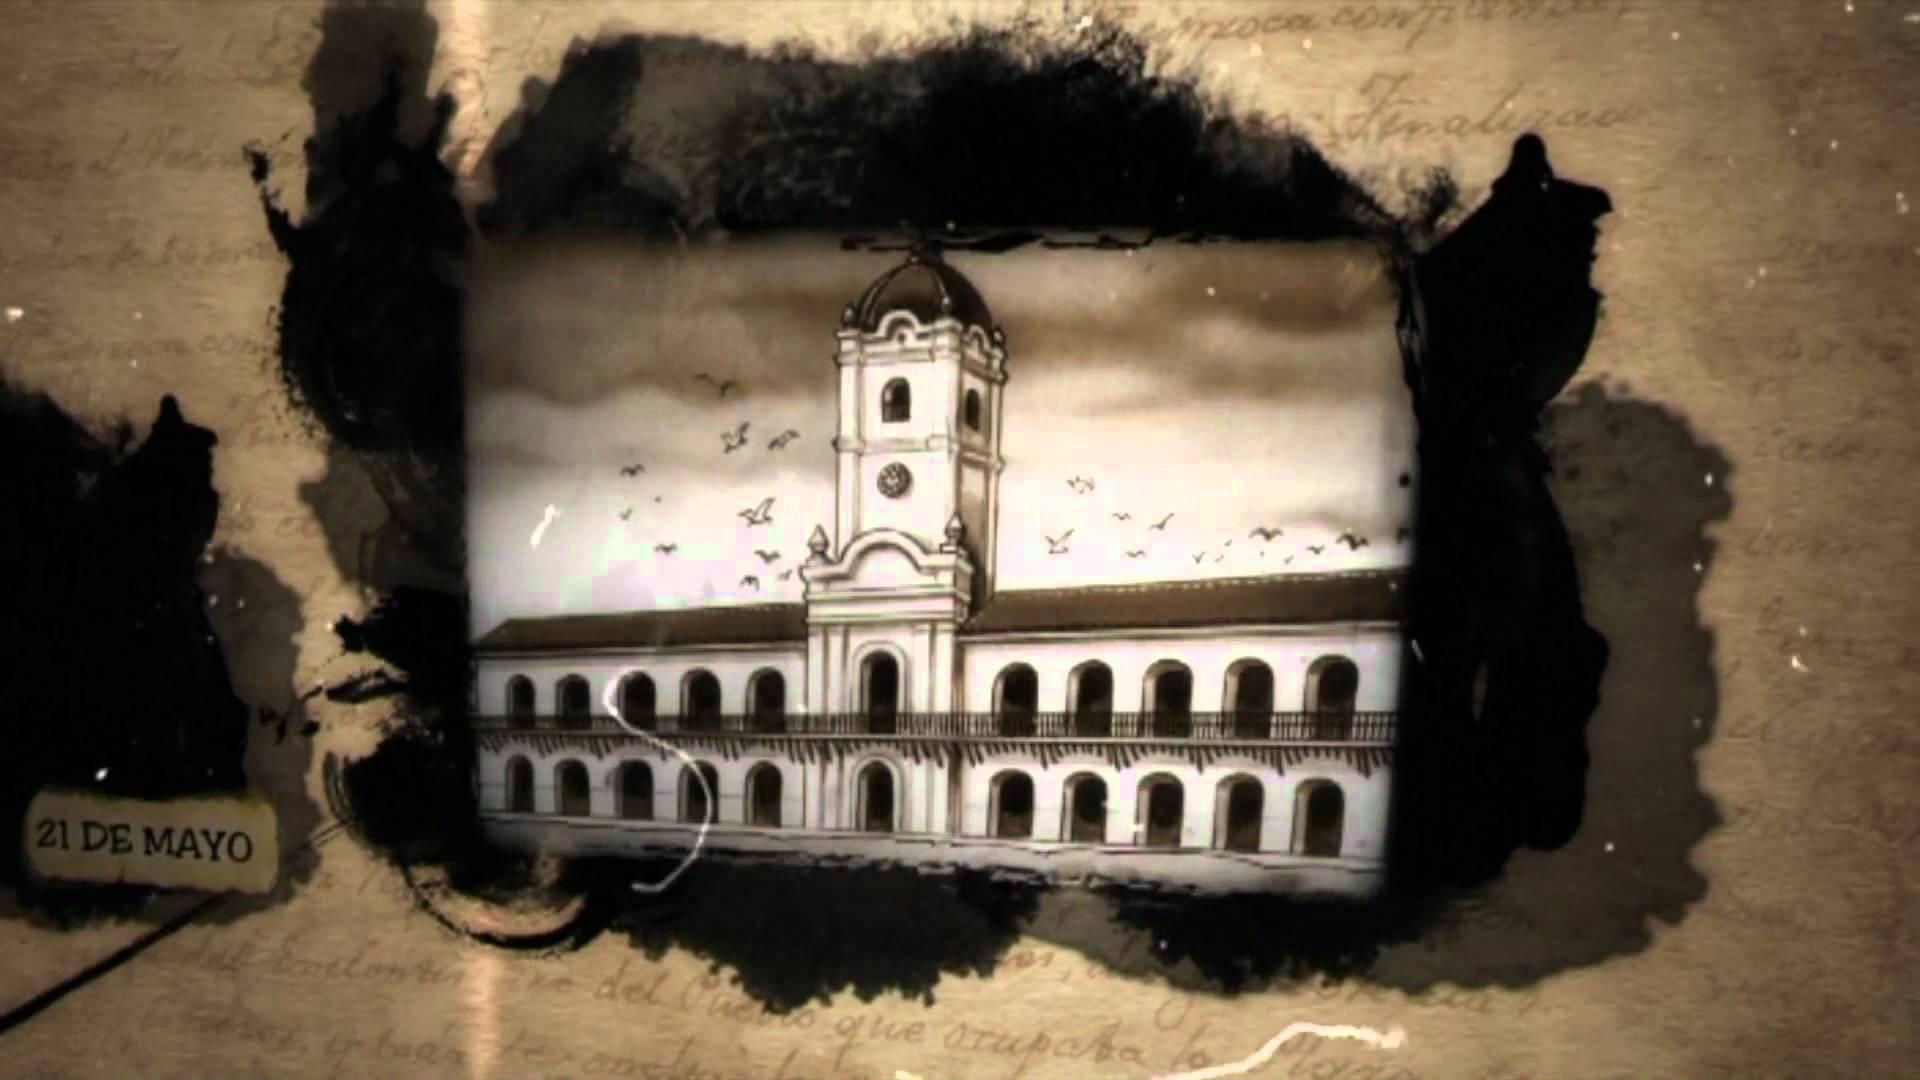 Reflexión lunfarda: El glorioso 25 y el prócer de Mayo, en el país del más de lo mismo…